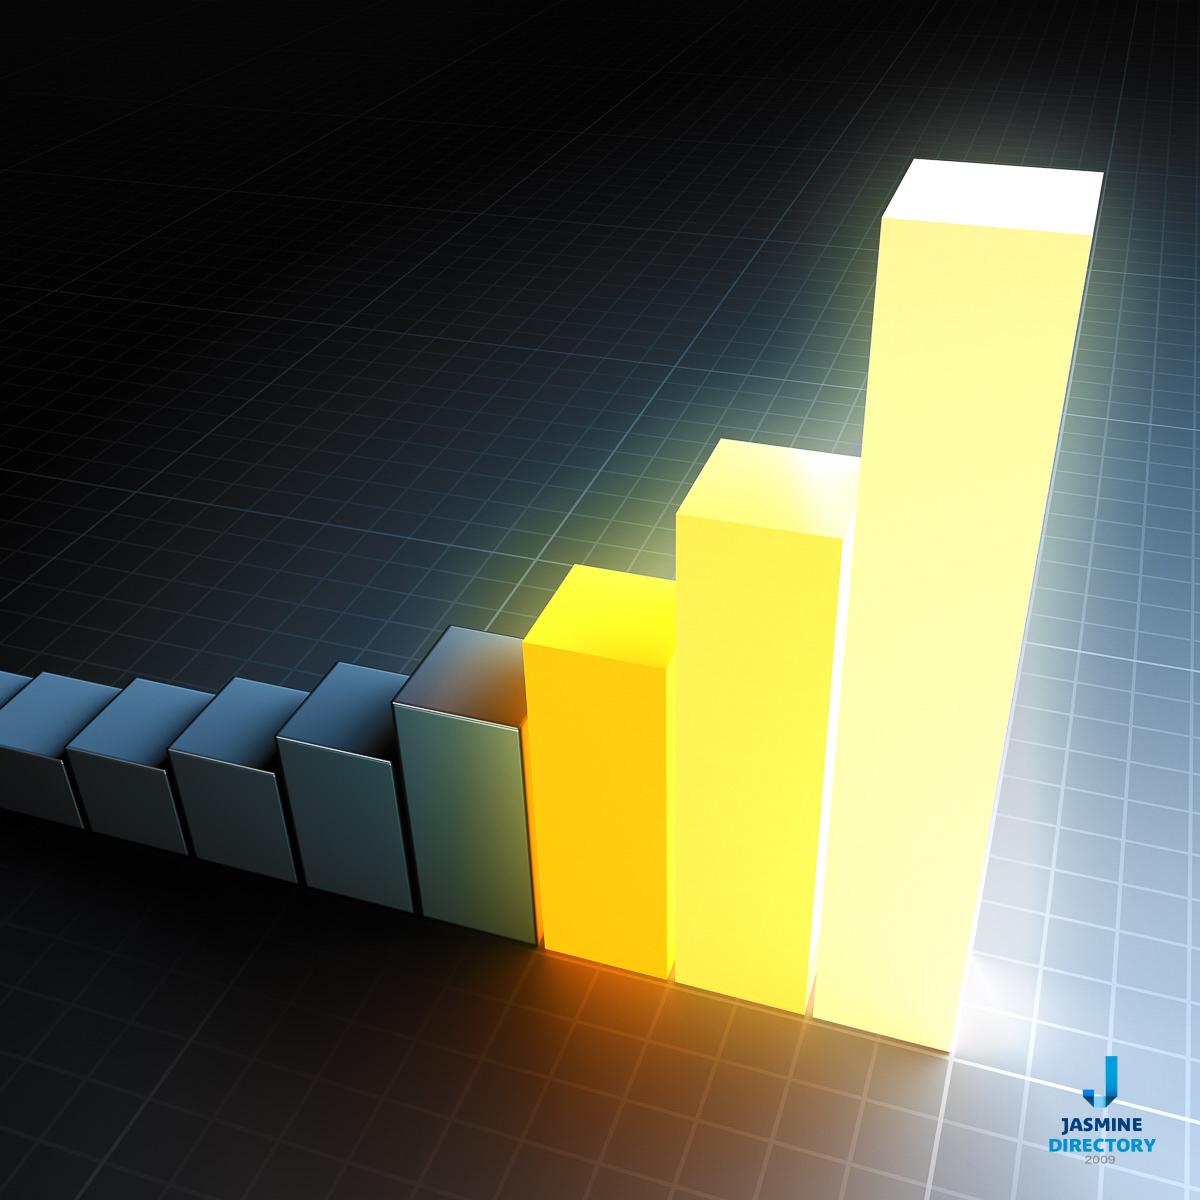 Chart - Bar chart